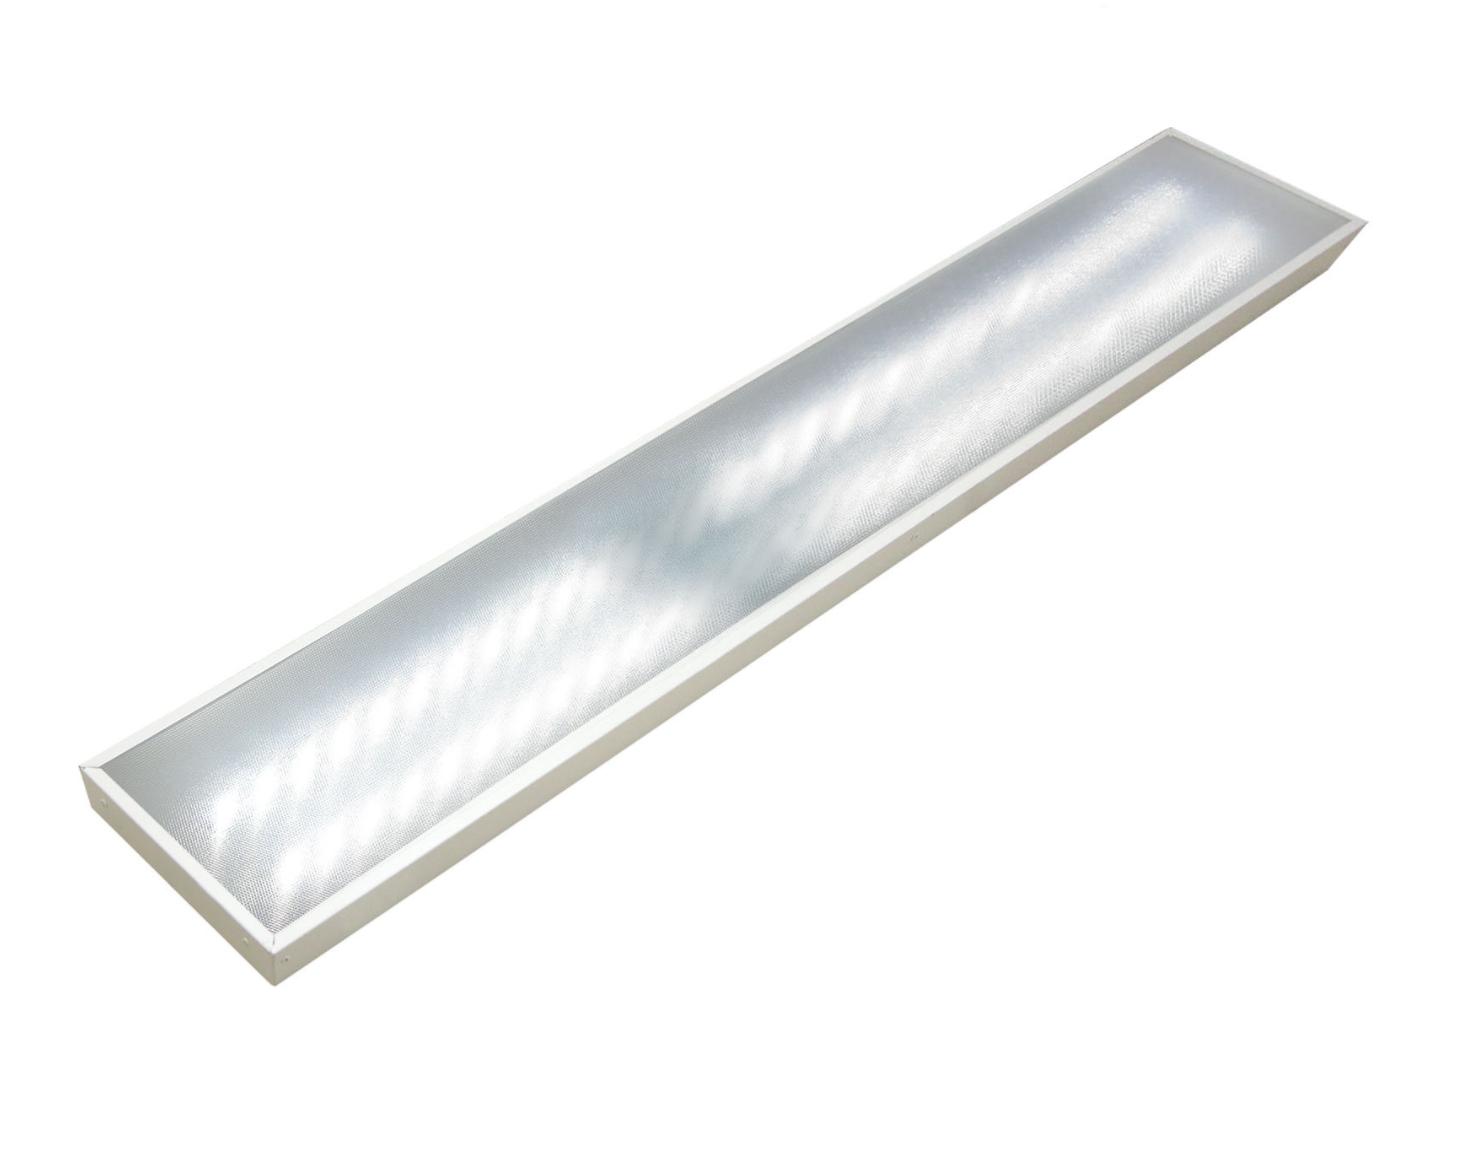 Офисный светодиодный светильник Айсберг Премиум-40 40Вт 5252Лм